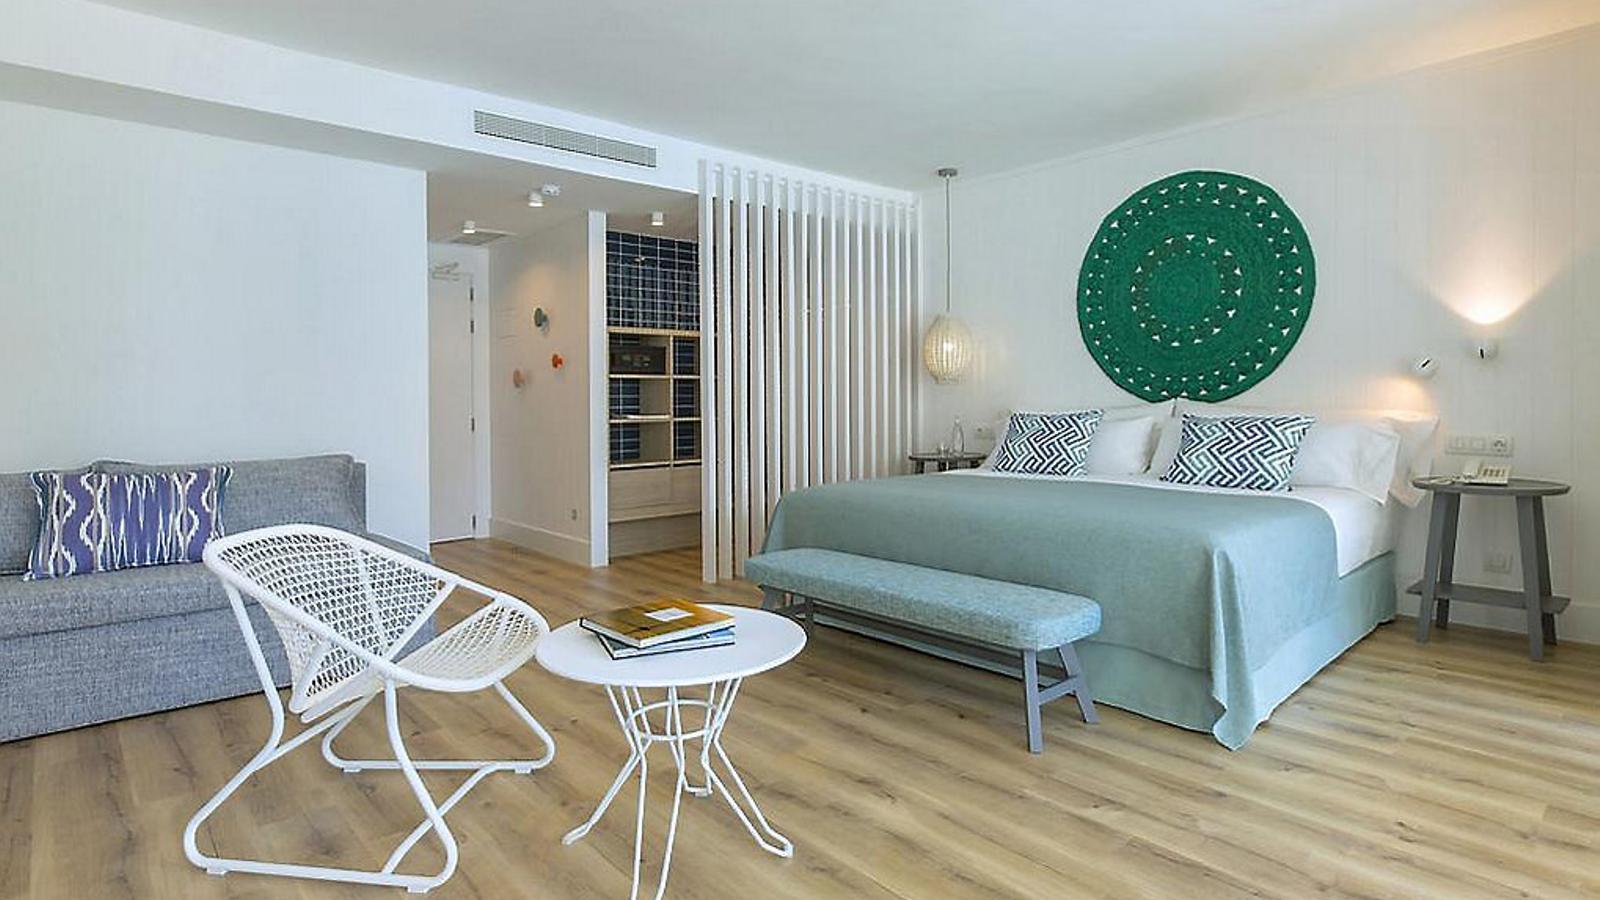 Un país per confinar-s'hi Hotel Blaumar Quan el turisme familiar té estil  i escala humana